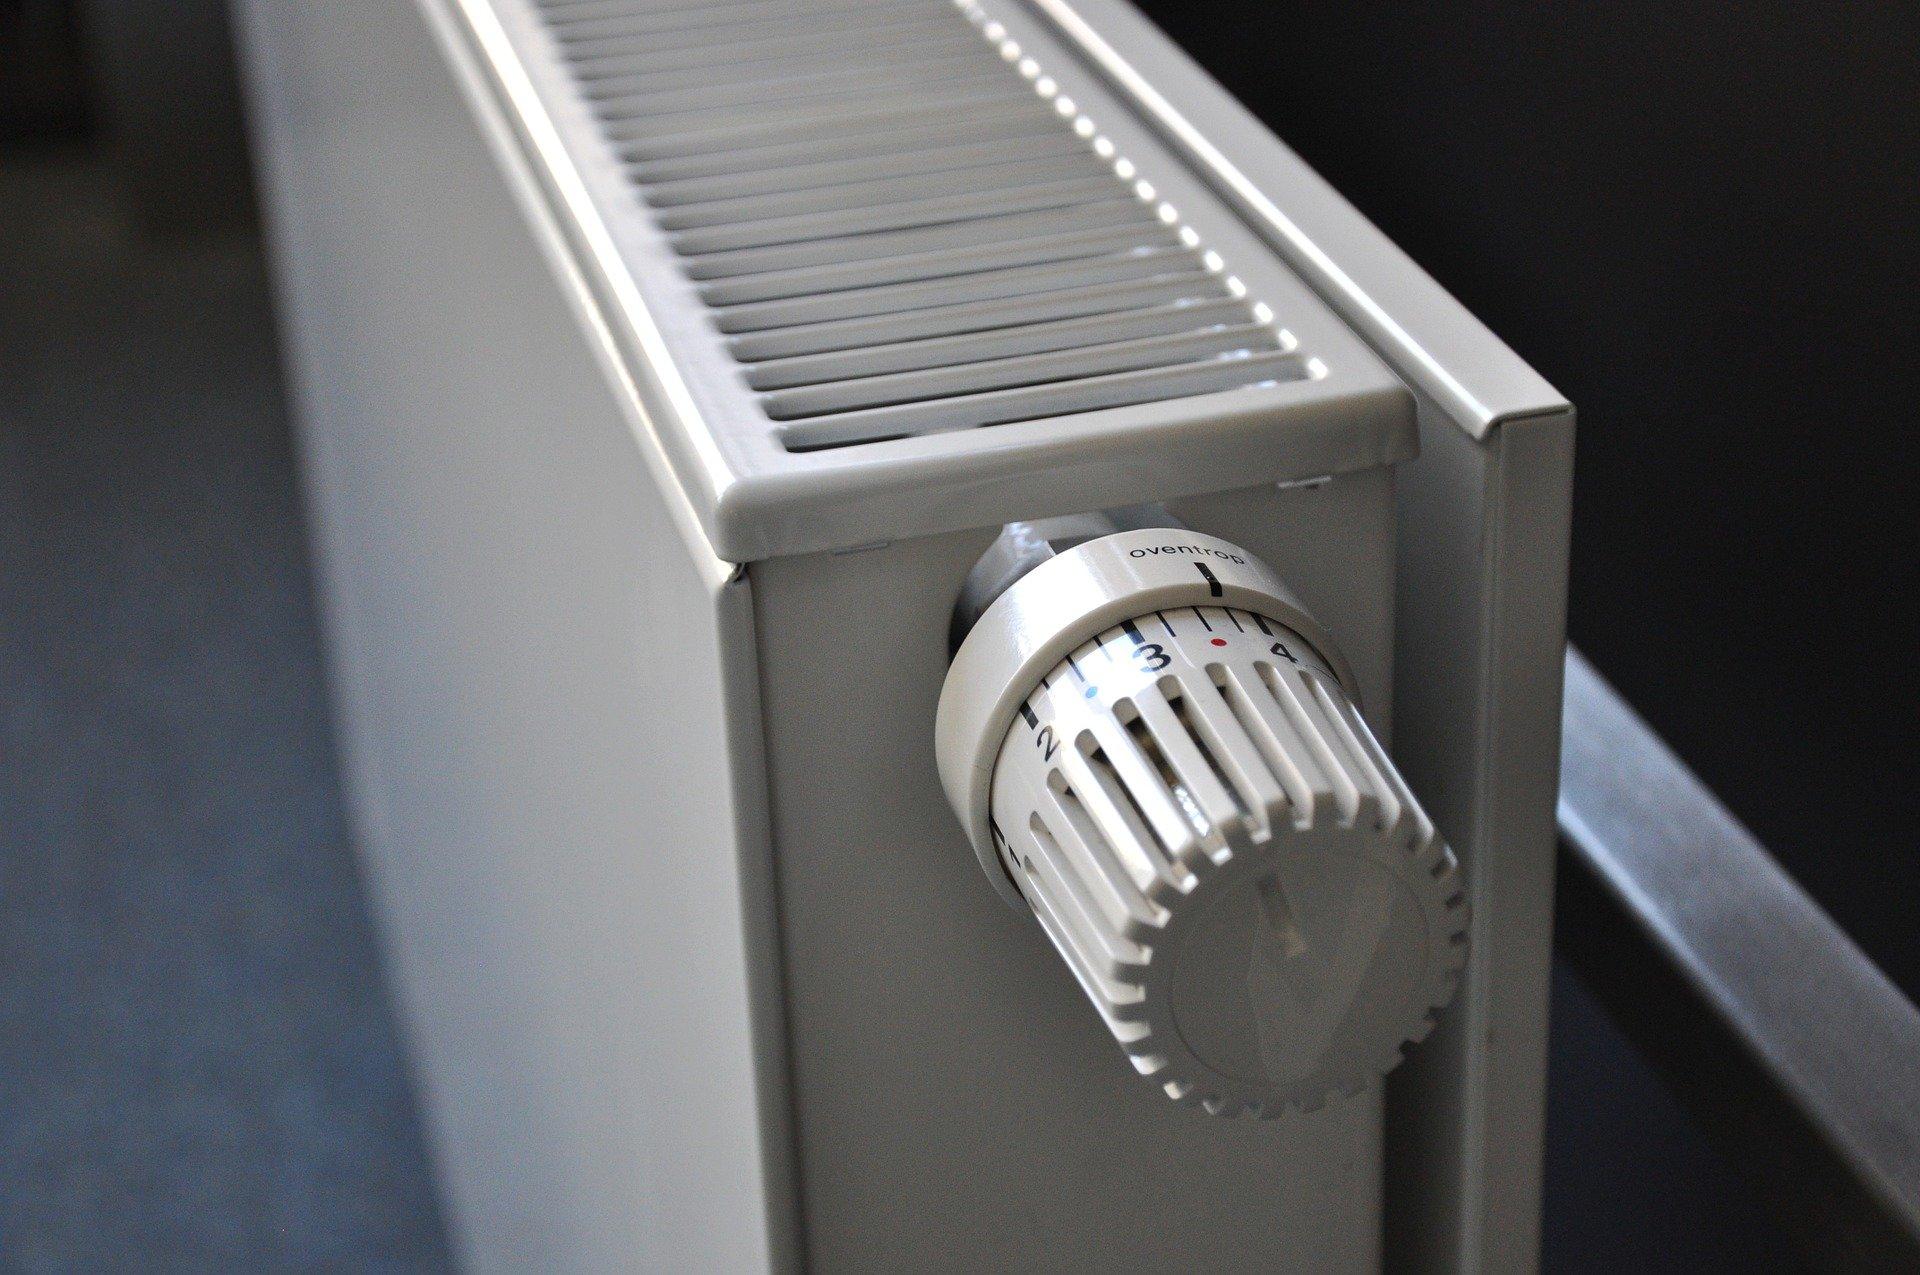 Возобновлена подача тепла в ЖК «Пражский квартал» в Нижнем Новгороде - фото 1